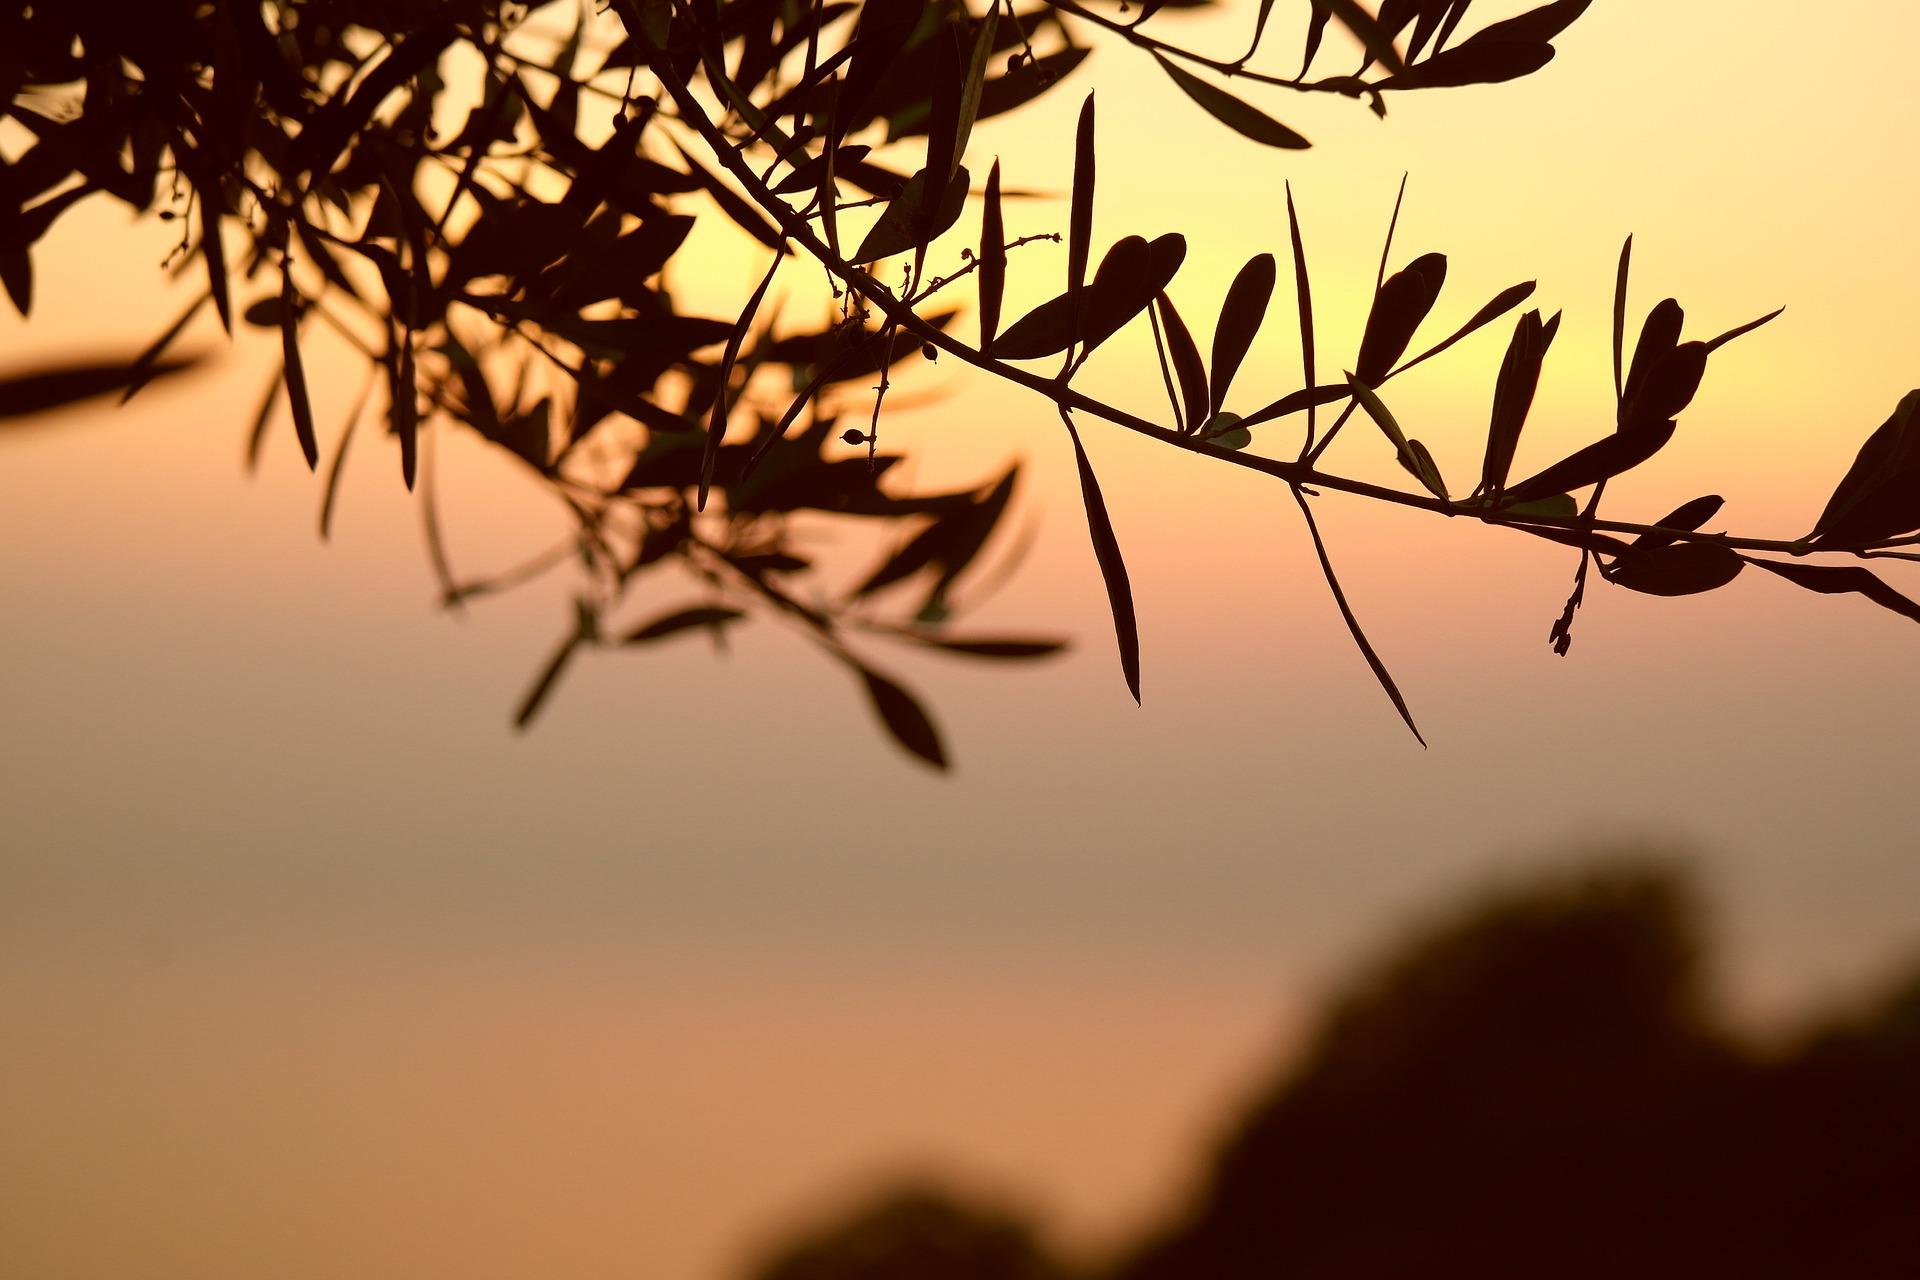 L'ulivo come simbolo: dalla Grecia alla Bibbia.